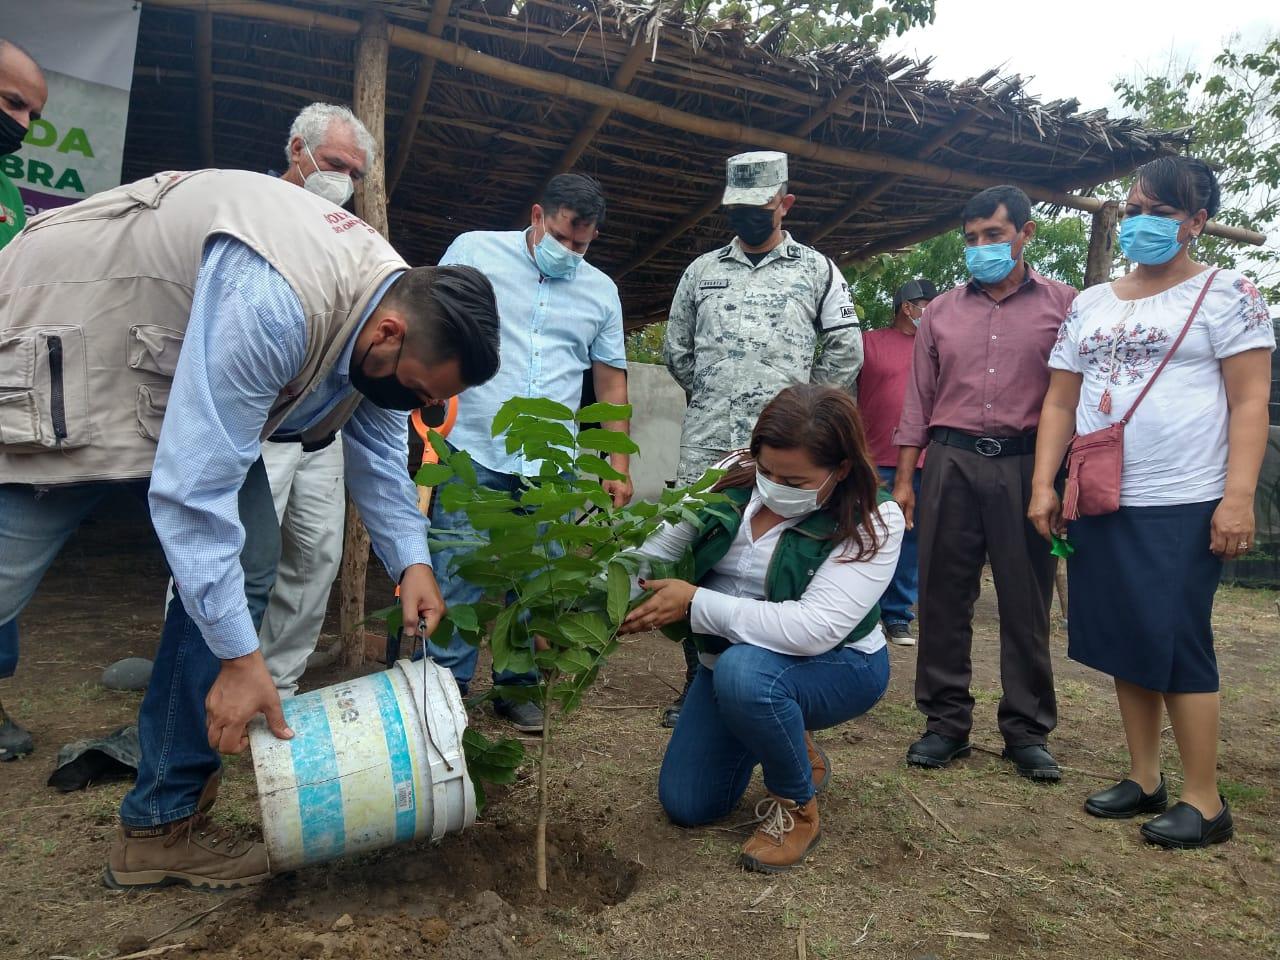 Ha dispersado 361.3 mdp el programa Sembrando Vida en Colima: Guadalupe Solís